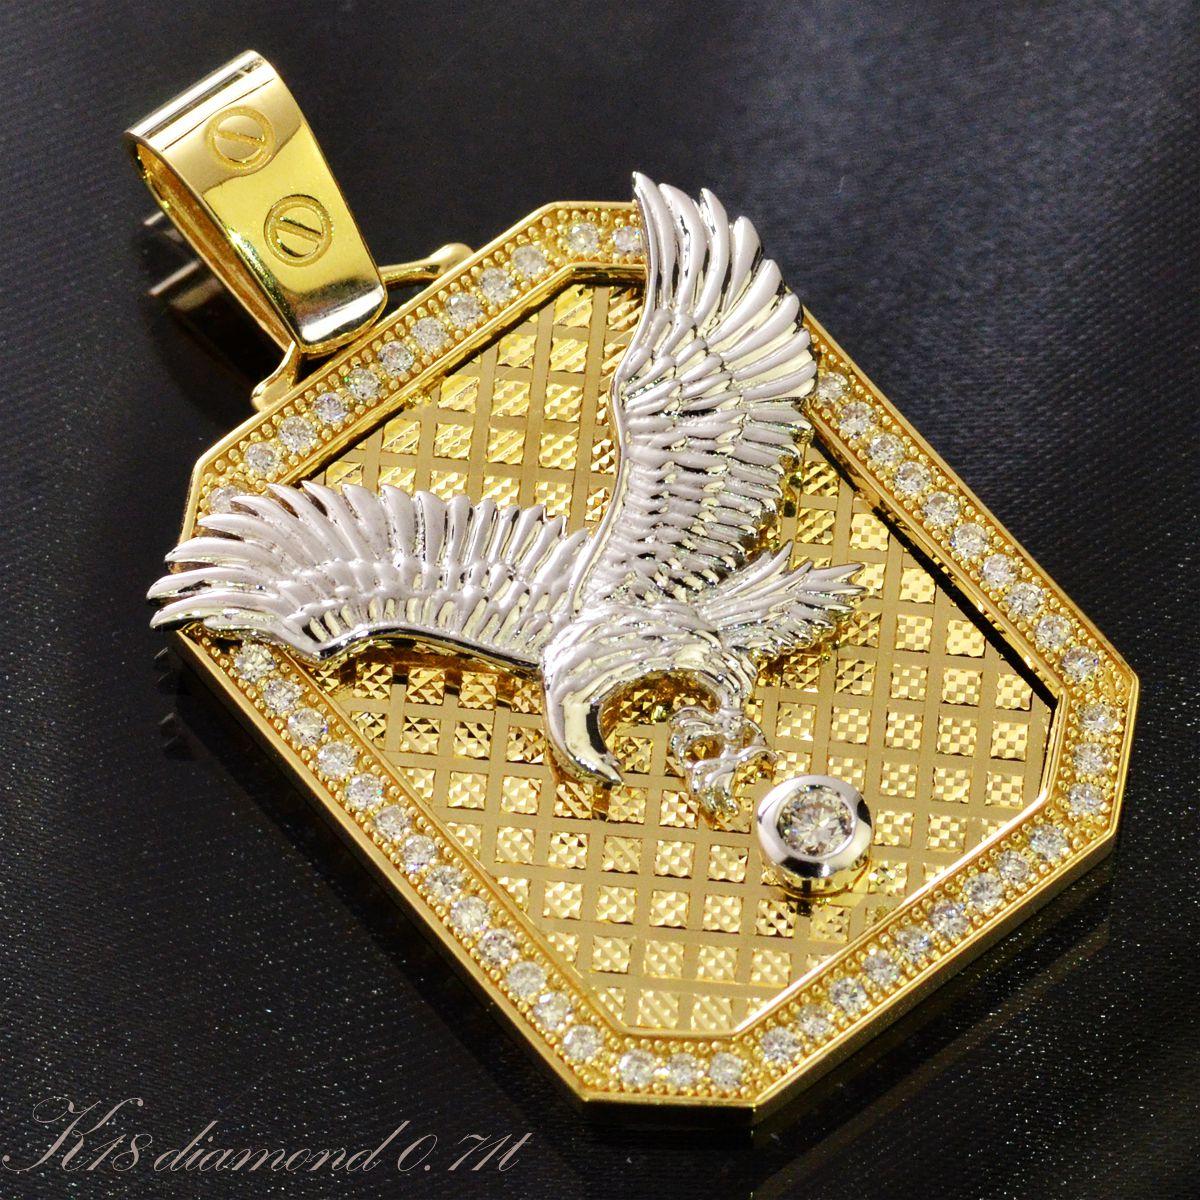 メンズペンダントトップ ダイヤモンド K18 18金 イーグル